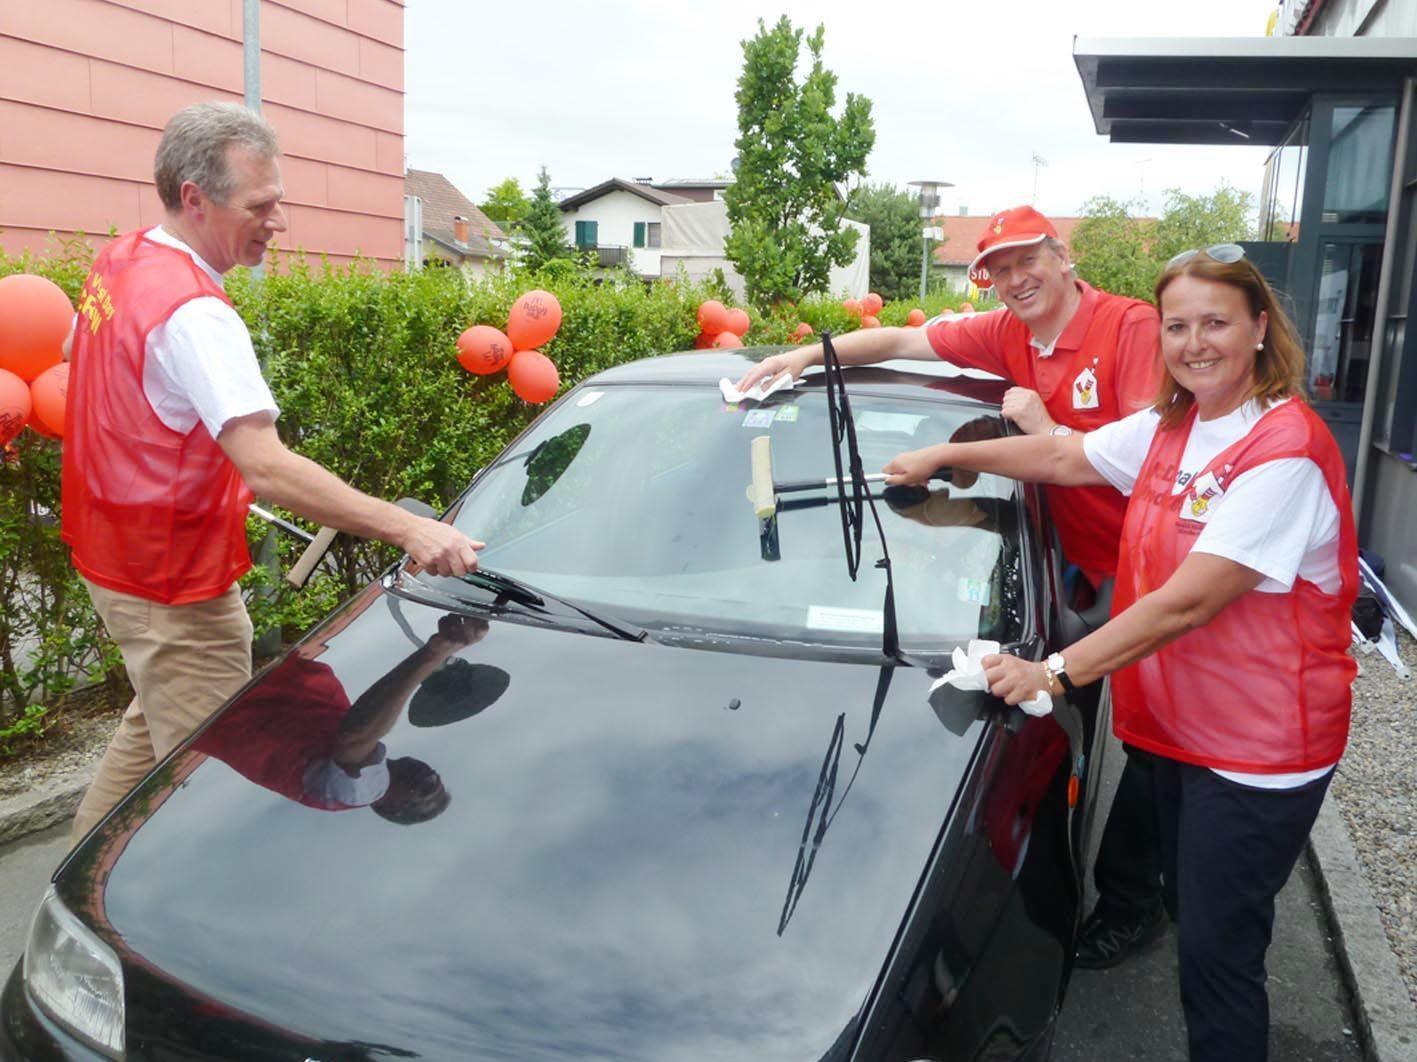 Bgm. Richrard Amann, Loek Versluis und LAbg. Monika Reis im Einsatz beim Car Wash Day 2012.